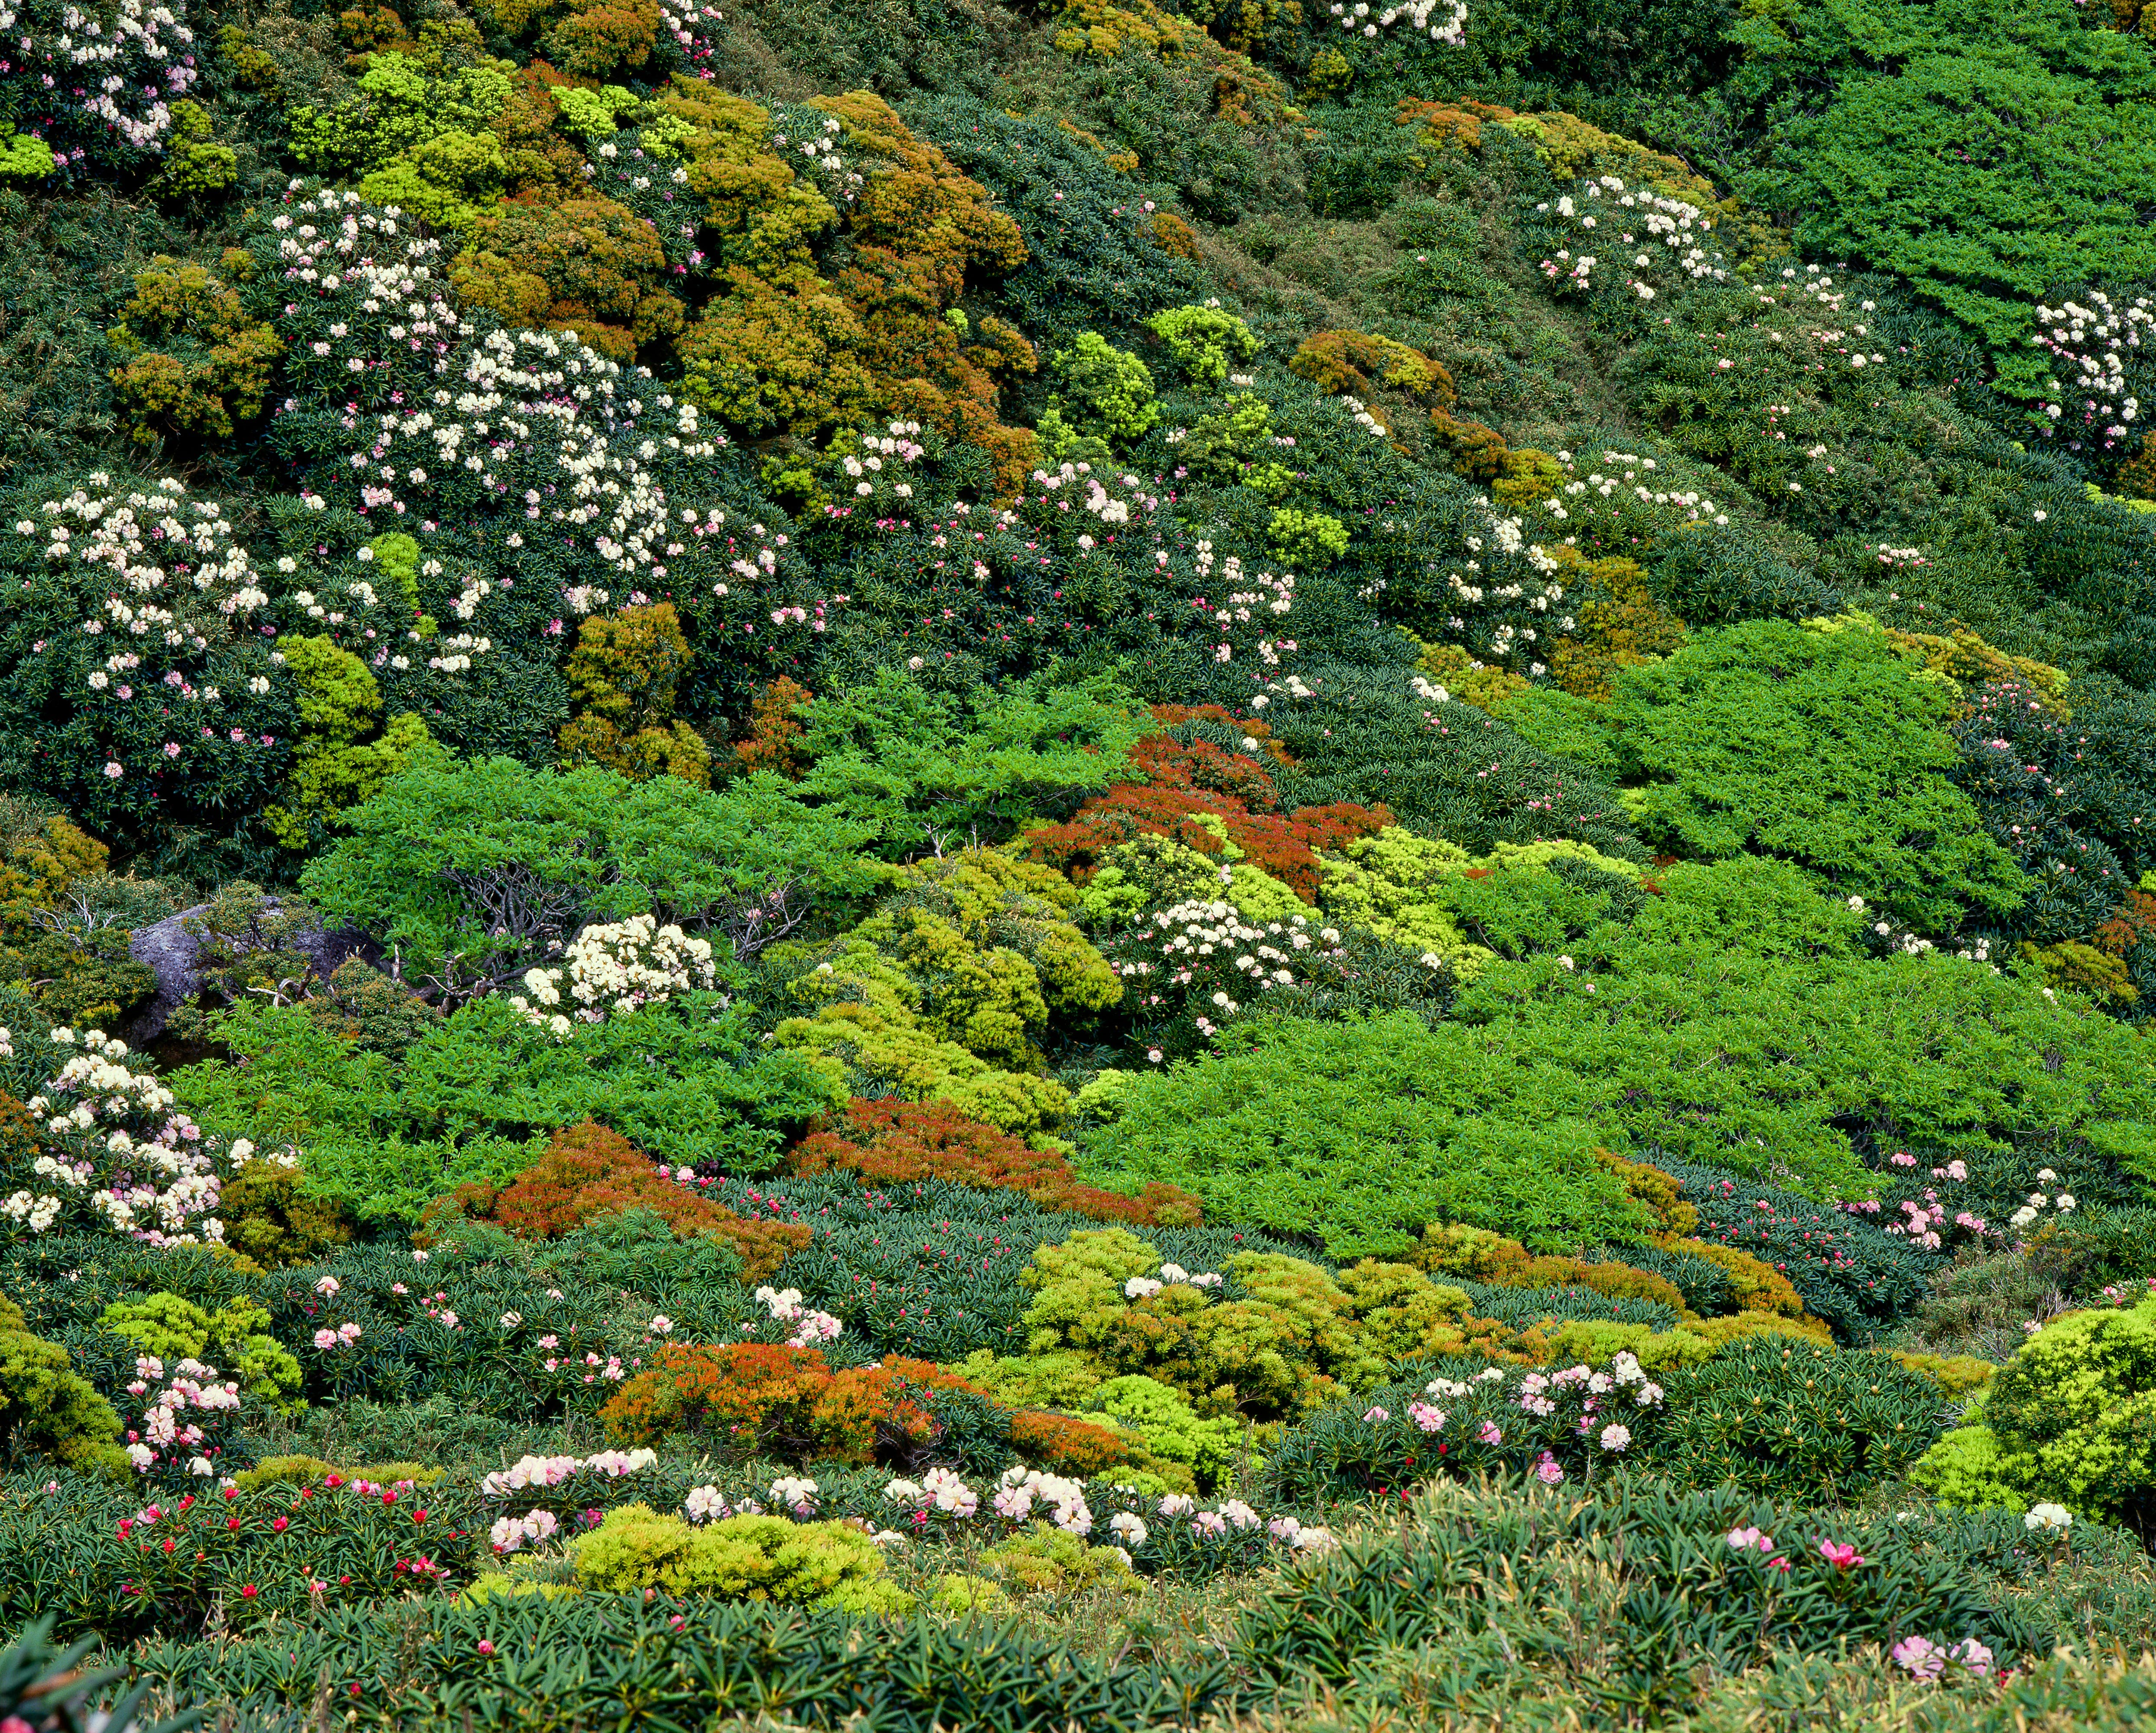 Free stock photo of japan, vegetation, june, yakushima highland